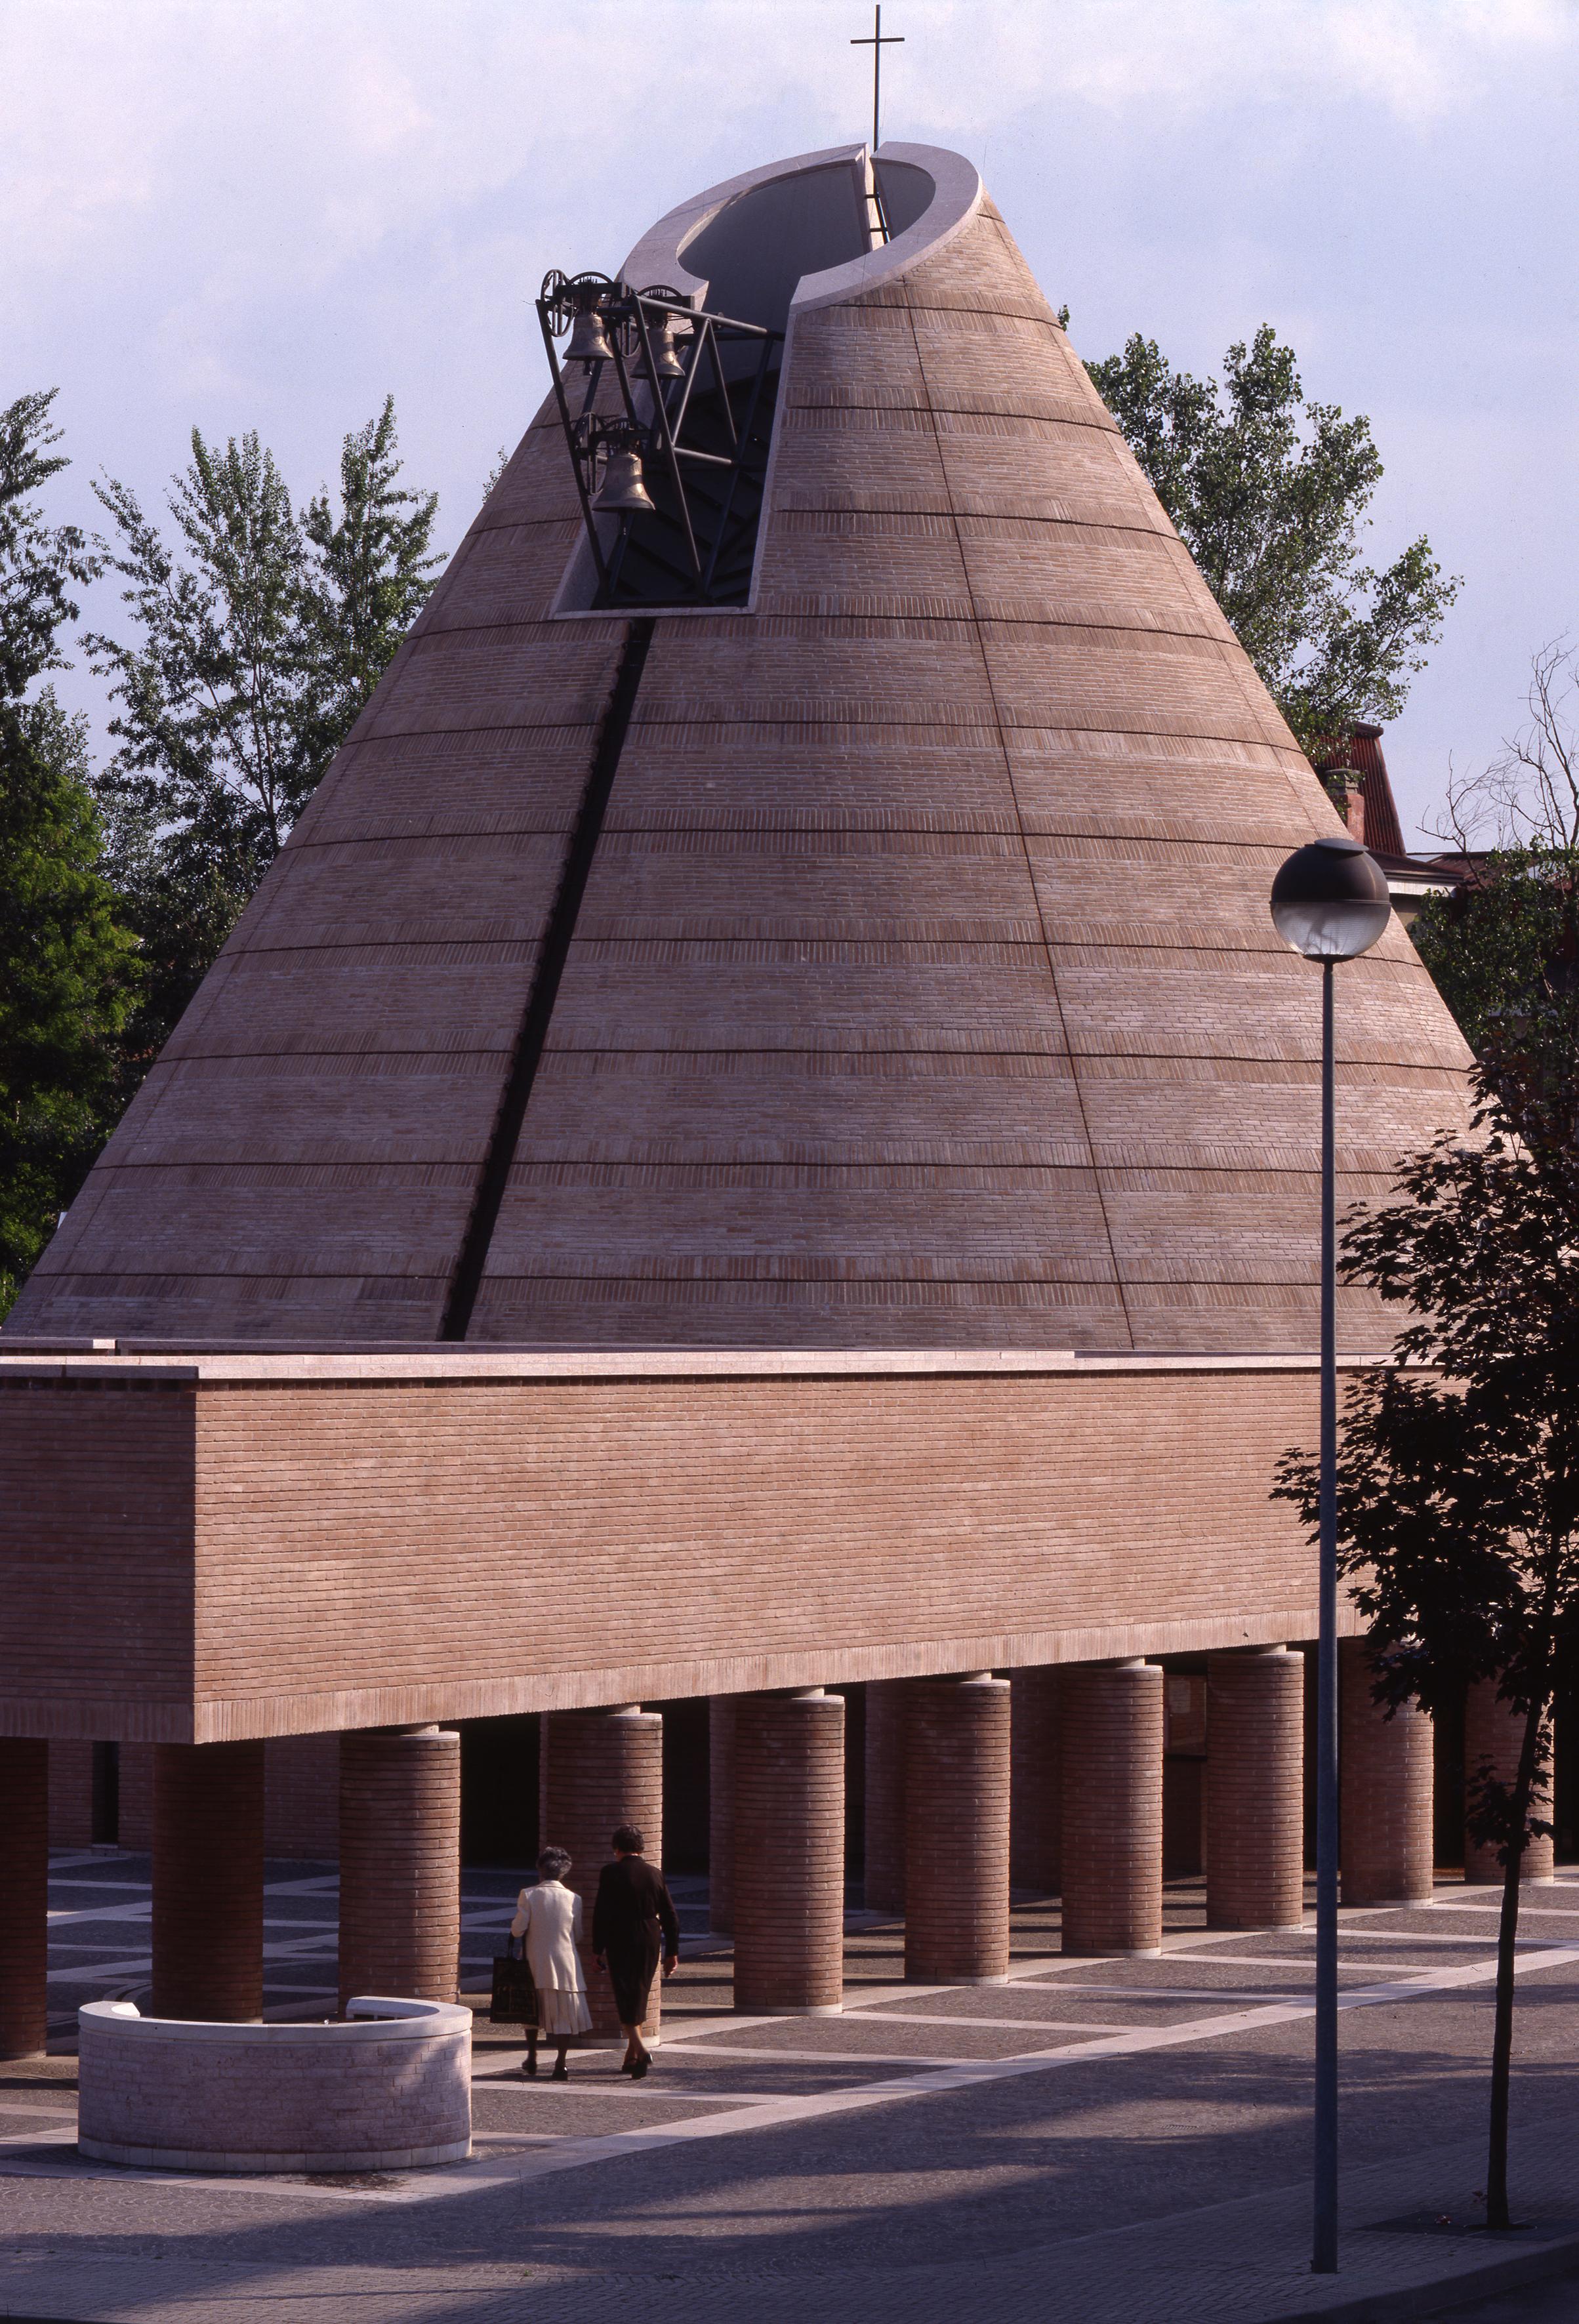 Chiesa Beato Odorico, Pordenone (IT)